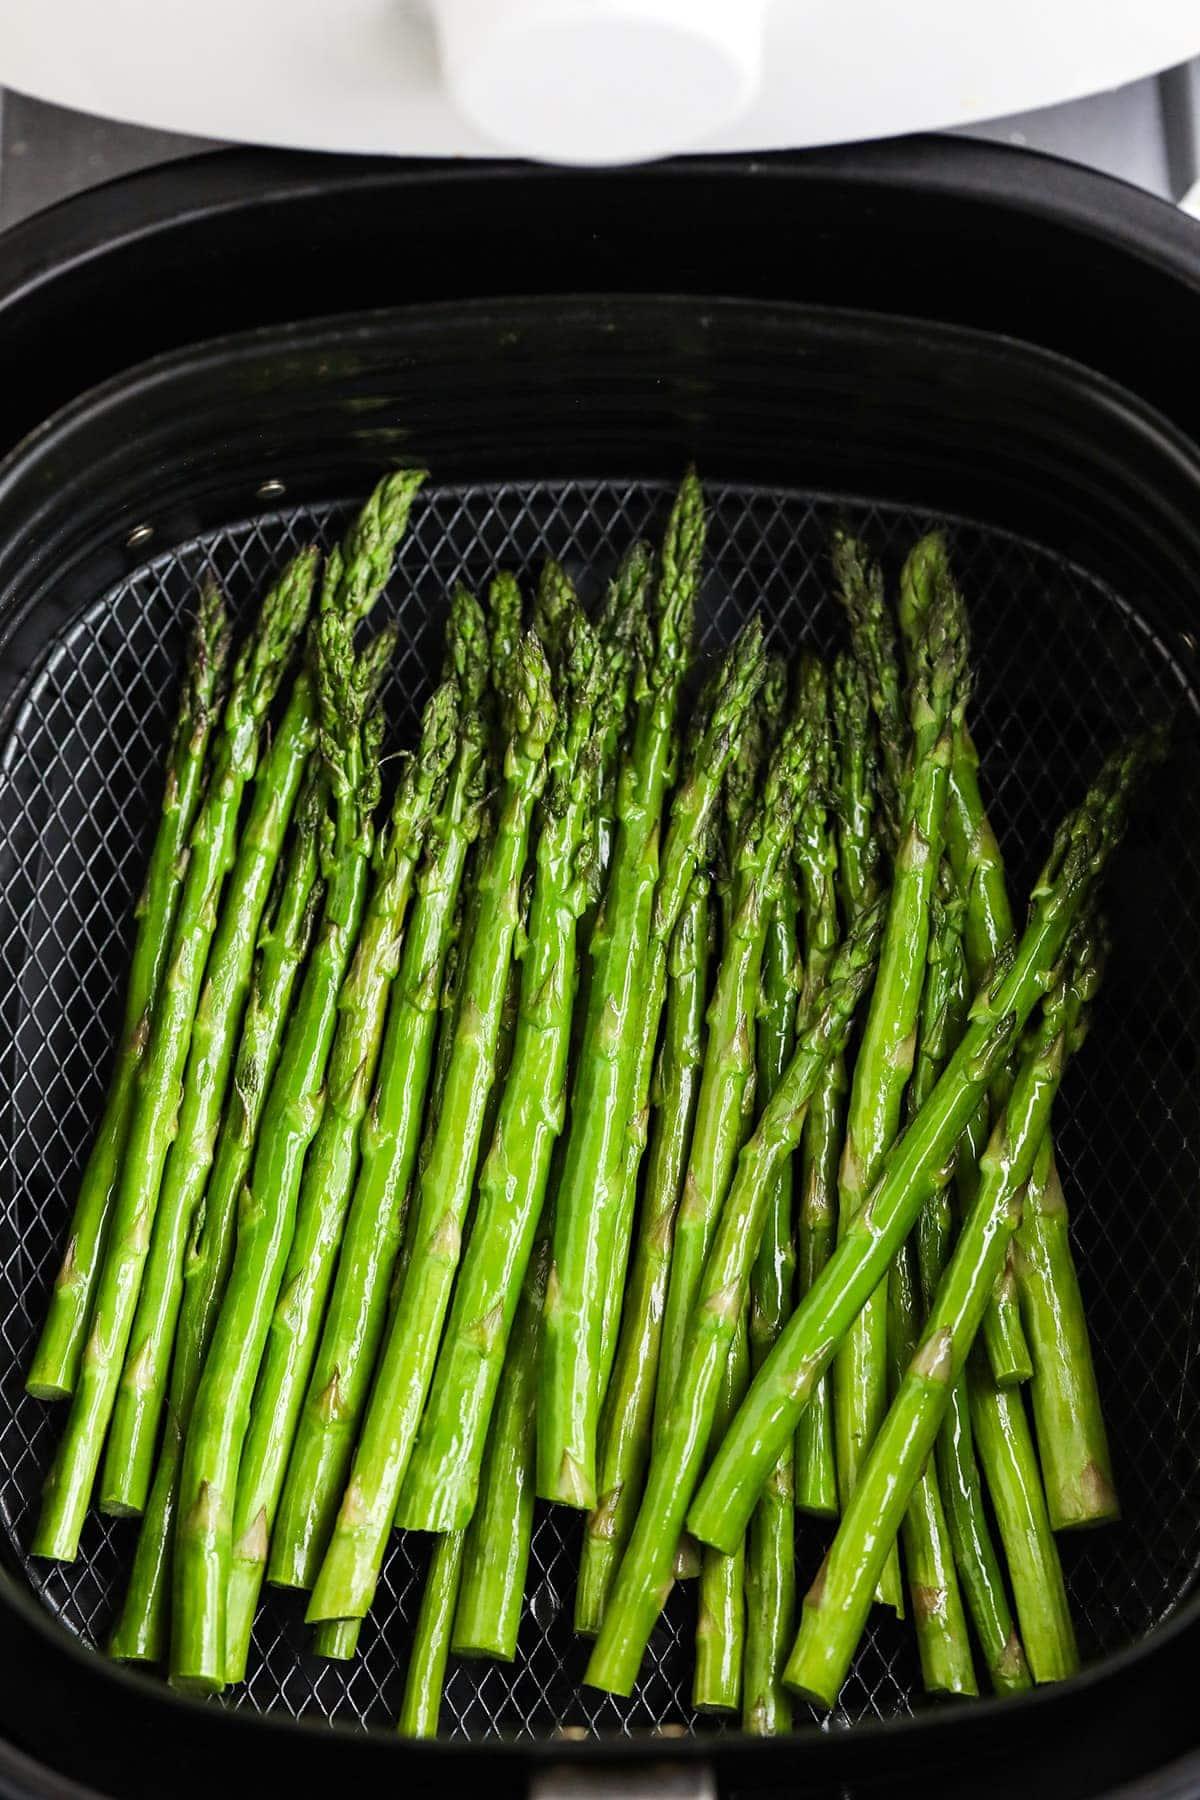 air fryer asparagus in air fryer basket